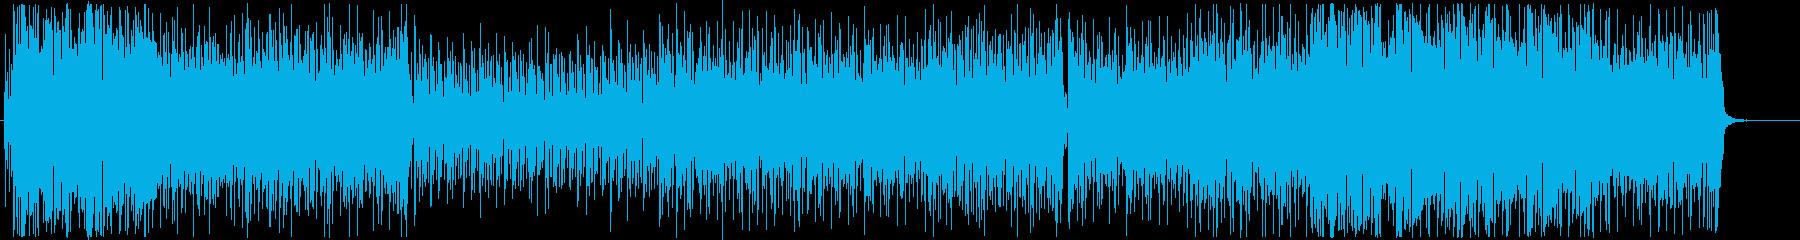 ドリーミーでハッピーな♫トイポップジャズの再生済みの波形